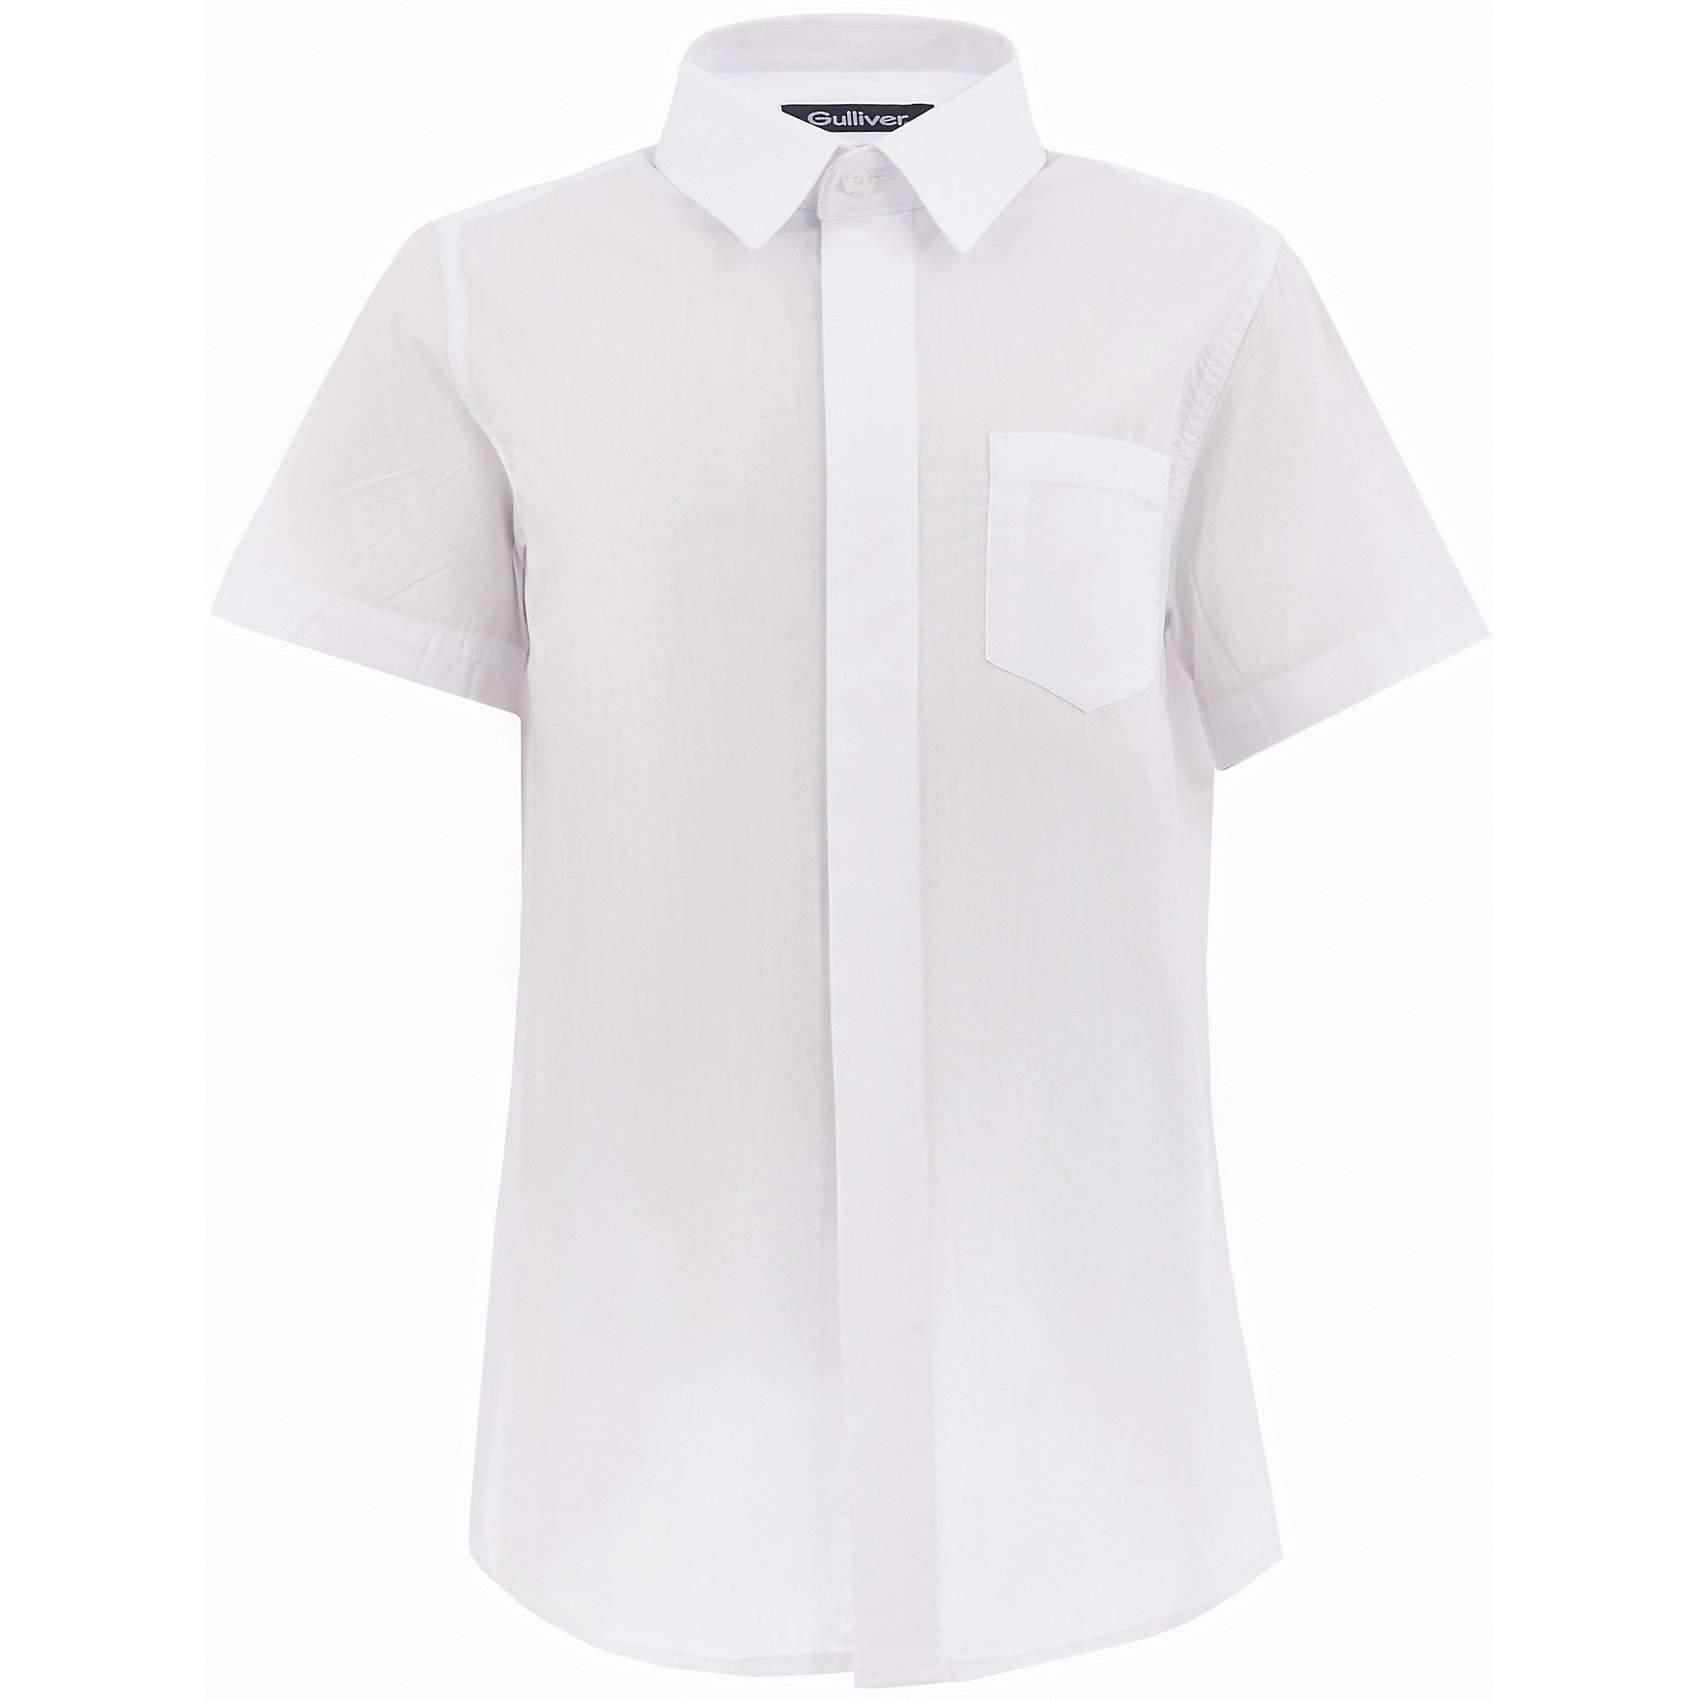 Рубашка для мальчика GulliverБлузки и рубашки<br>Характеристики товара:<br><br>• цвет: белый<br>• состав: 80% хлопок, 20% полиэстер <br>• сезон: круглый год<br>• особенности: школьная, повседневная<br>• воротник-стойка<br>• застежки: пуговицы<br>• с коротким рукавом<br>• нагрудный накладной карман<br>• страна бренда: Российская Федерация<br>• страна производства: Российская Федерация<br><br>Школьная рубашка с коротким рукавом для мальчика. Белая рубашка застегиваетс яна пуговицы, имеется нагрудный накладной карман.<br><br>Рубашку для мальчика Gulliver (Гулливер) можно купить в нашем интернет-магазине.<br><br>Ширина мм: 174<br>Глубина мм: 10<br>Высота мм: 169<br>Вес г: 157<br>Цвет: белый<br>Возраст от месяцев: 72<br>Возраст до месяцев: 84<br>Пол: Мужской<br>Возраст: Детский<br>Размер: 122,170,164,158,152,146,140,134,128<br>SKU: 6678296